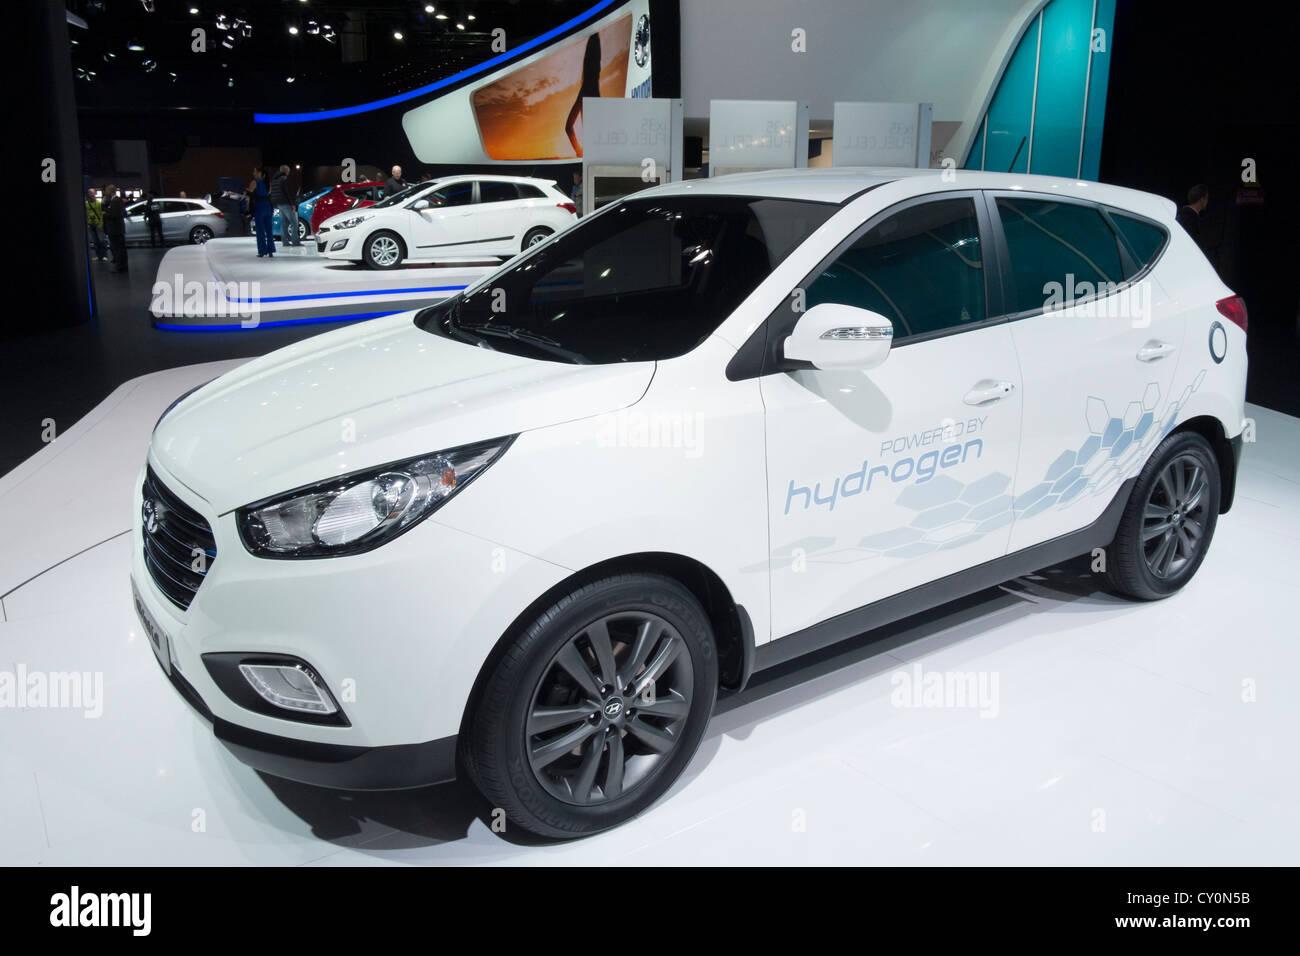 Wasserstoff-Brennstoffzelle Hyundai ix35 Konzeptfahrzeug auf der Paris Motor Show 2012 Stockbild